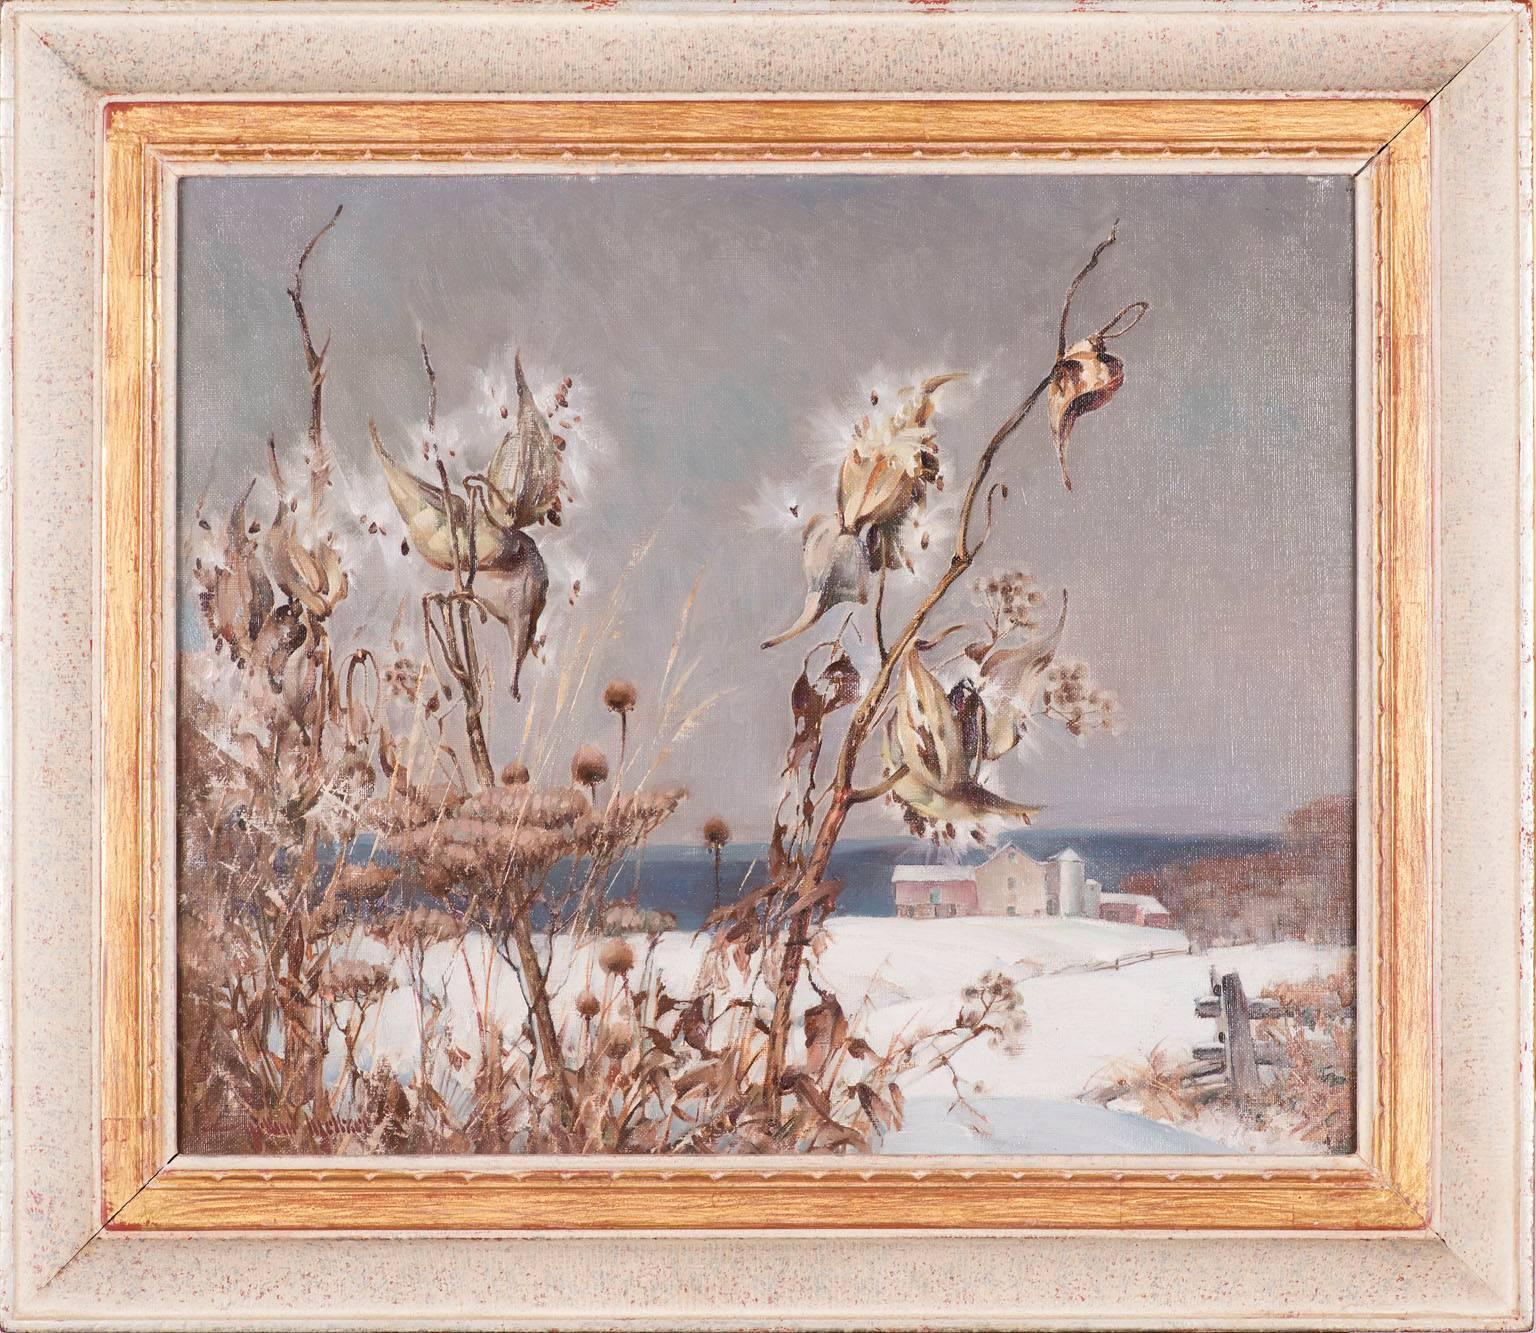 Milkweed in Winter